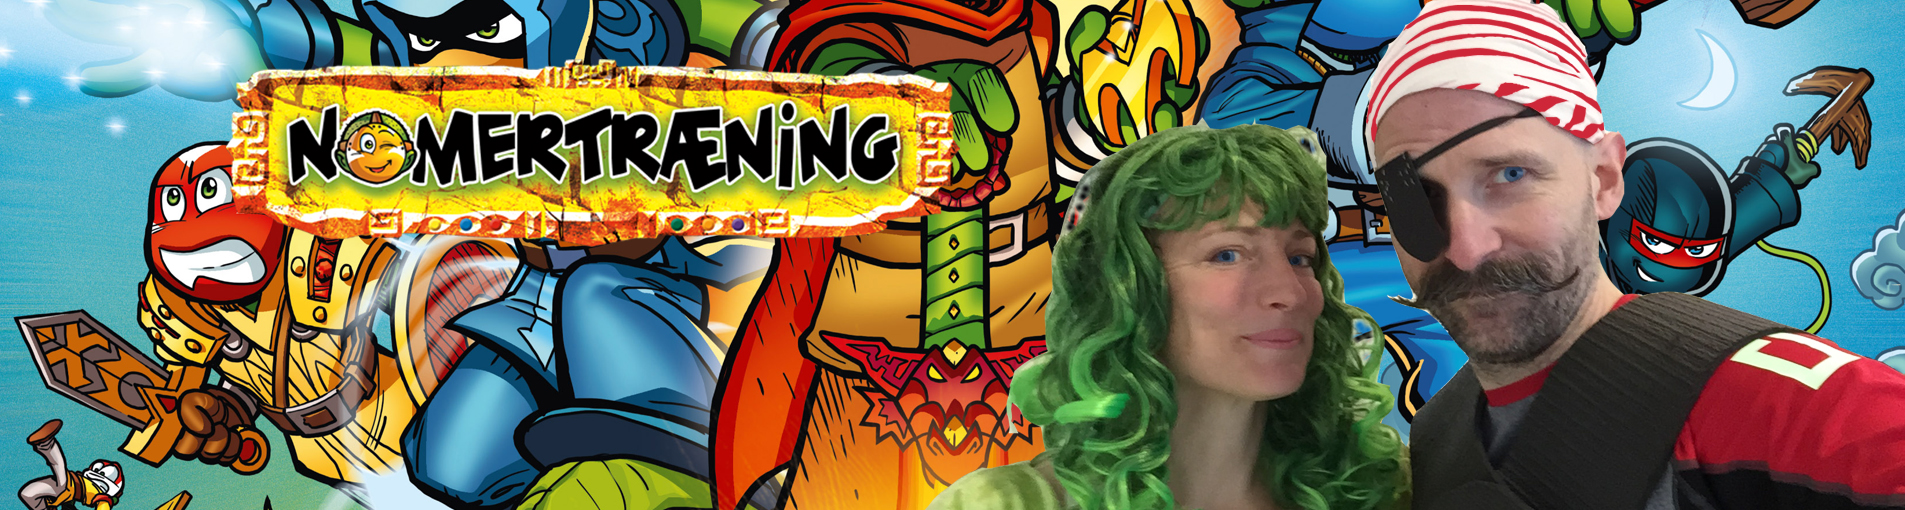 nomertraening-prinsesse-zika-og-tiger-kongen-web-forside-kopi